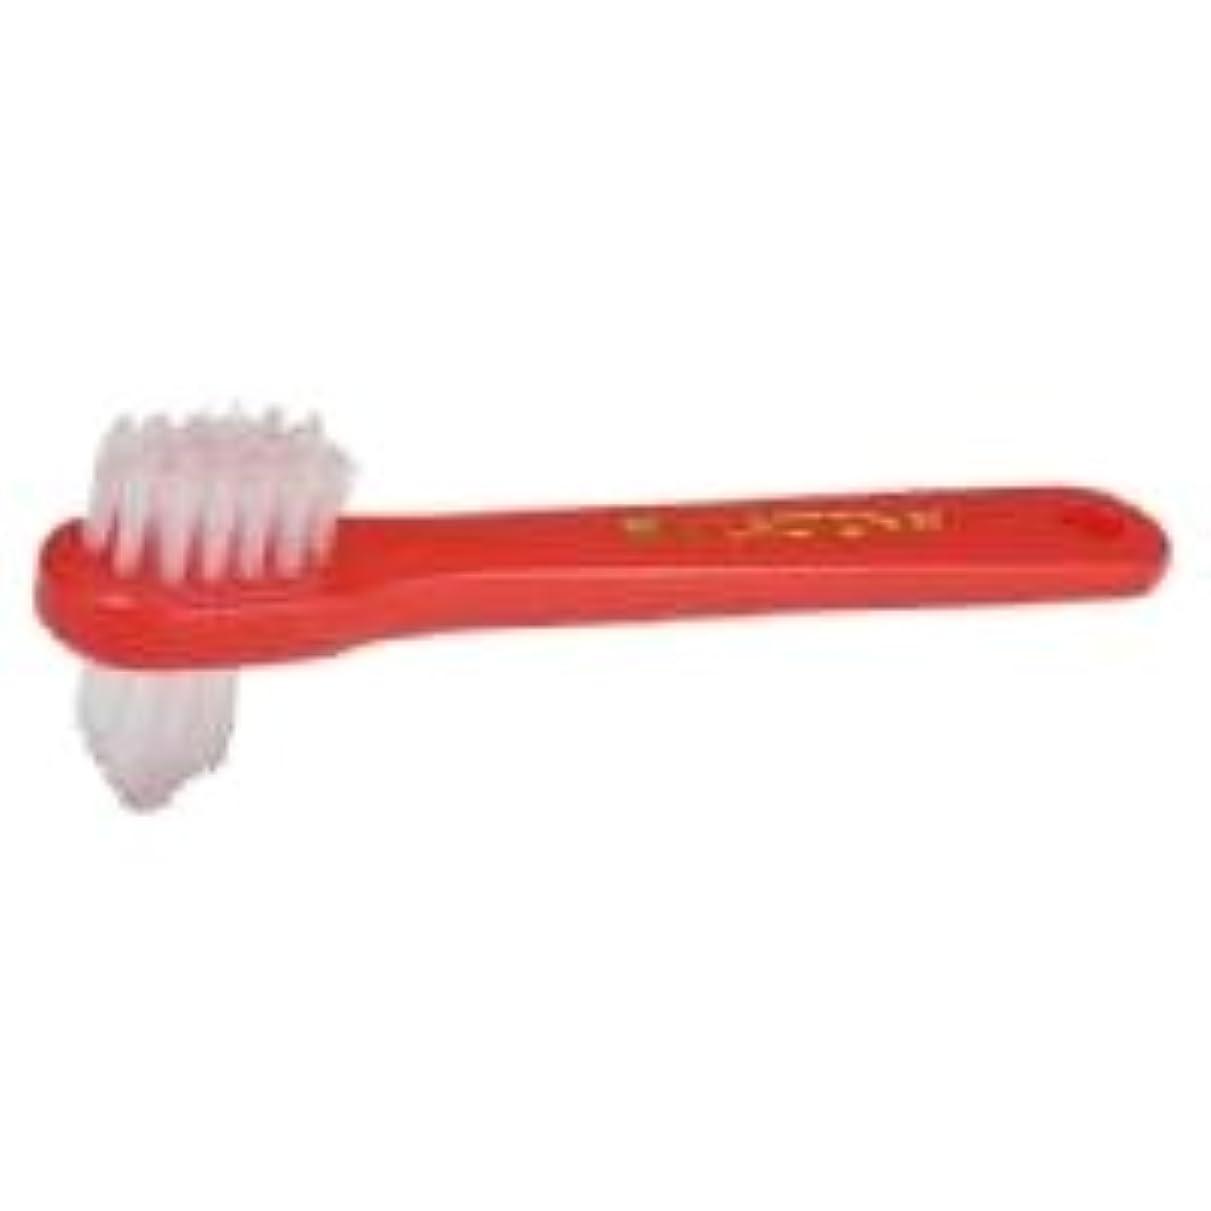 配分機転モバイル【ラクトナ】【歯科用】ラクトナ歯ブラシ #500 M 1本【義歯用ブラシ】